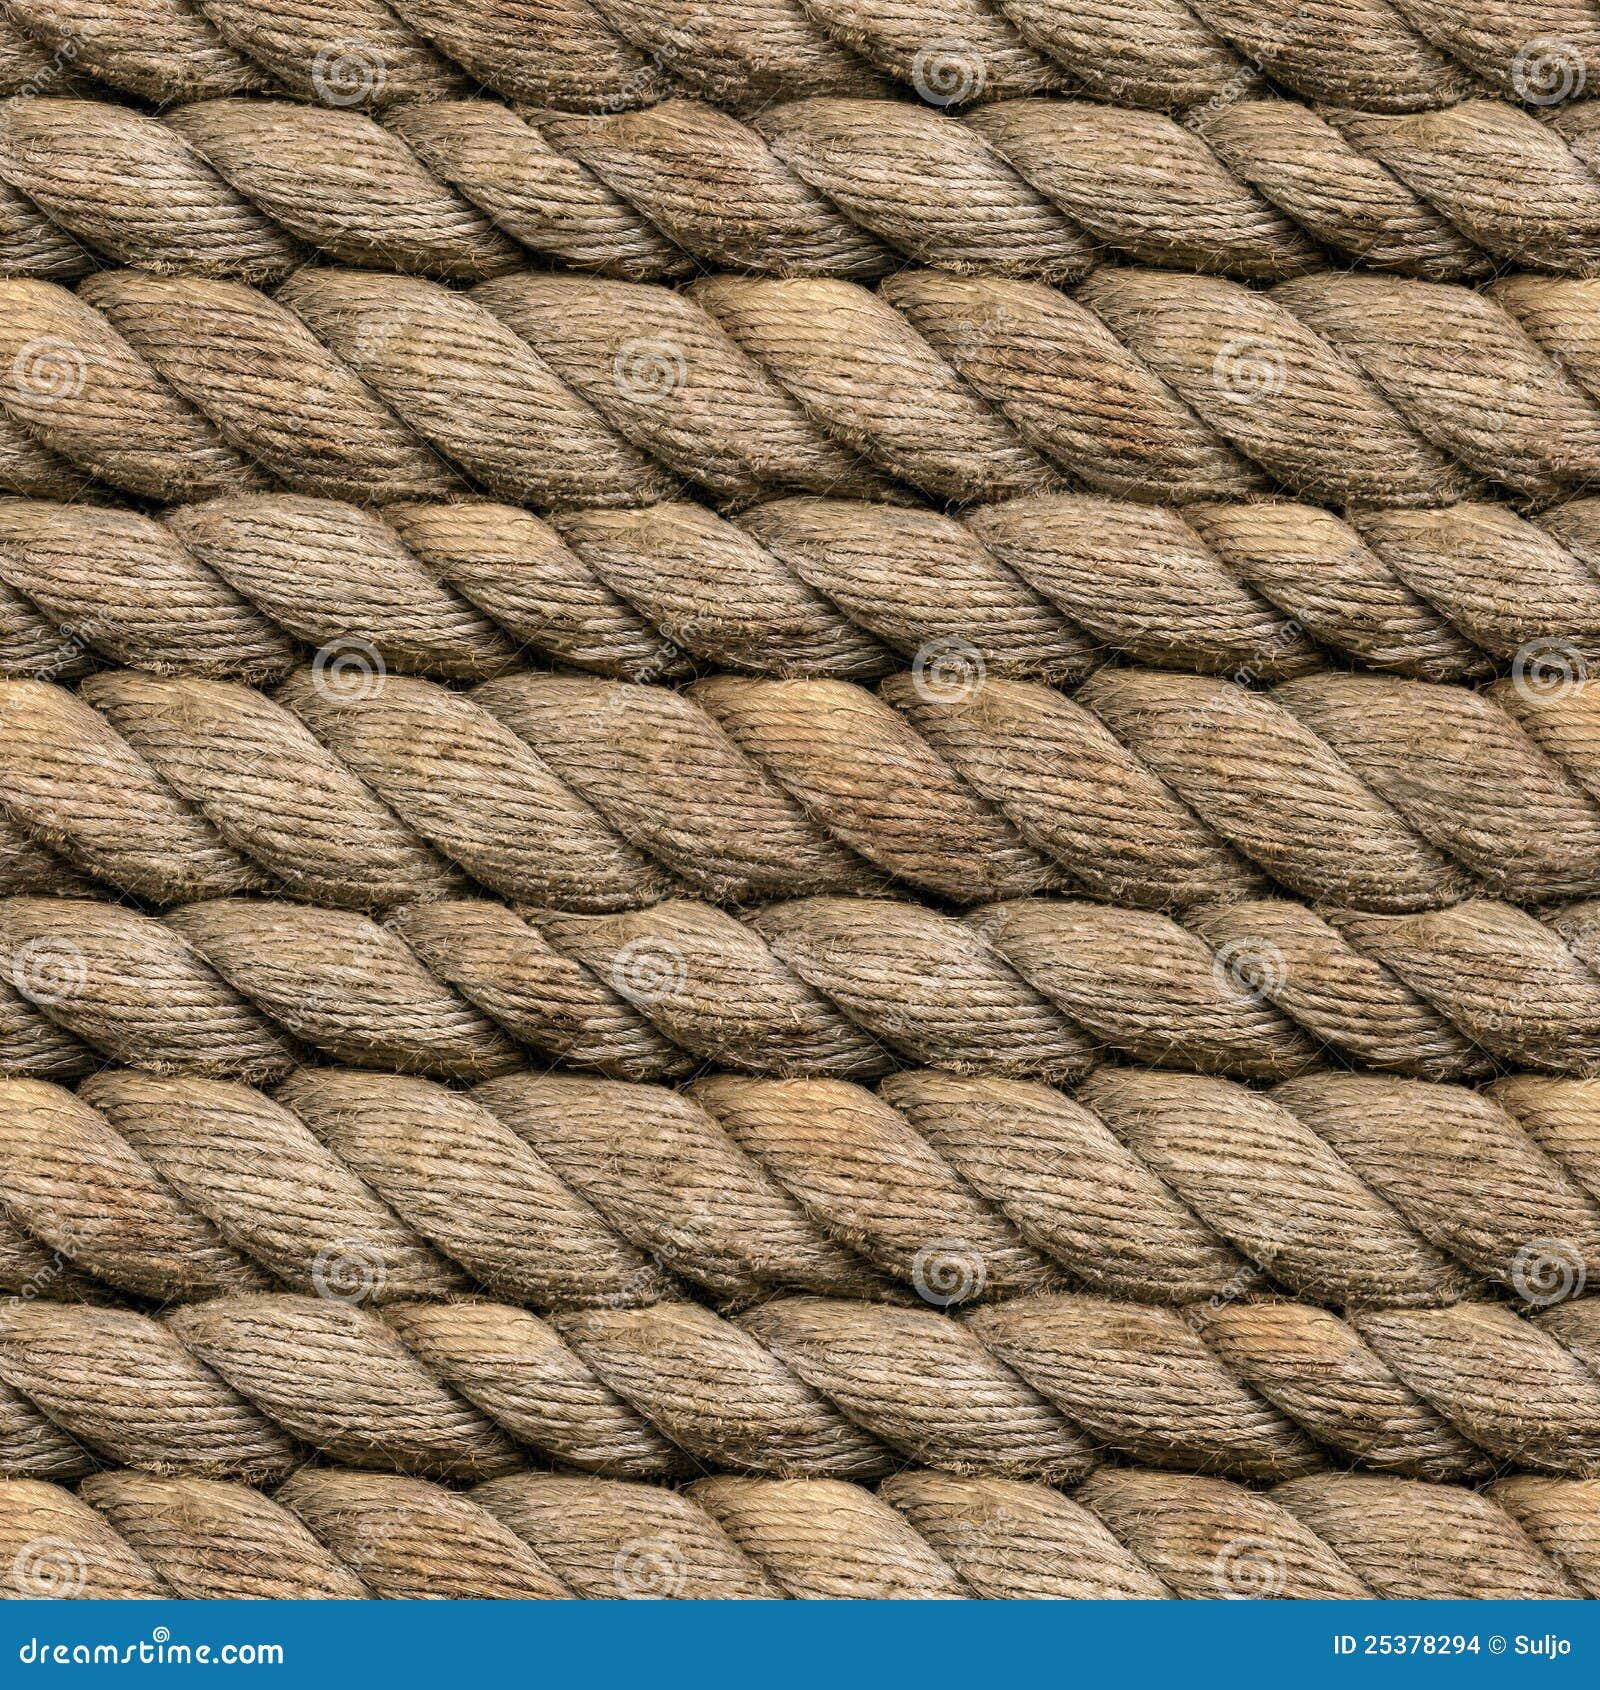 Текстура веревки, бесплатные фото ...: pictures11.ru/tekstura-verevki.html